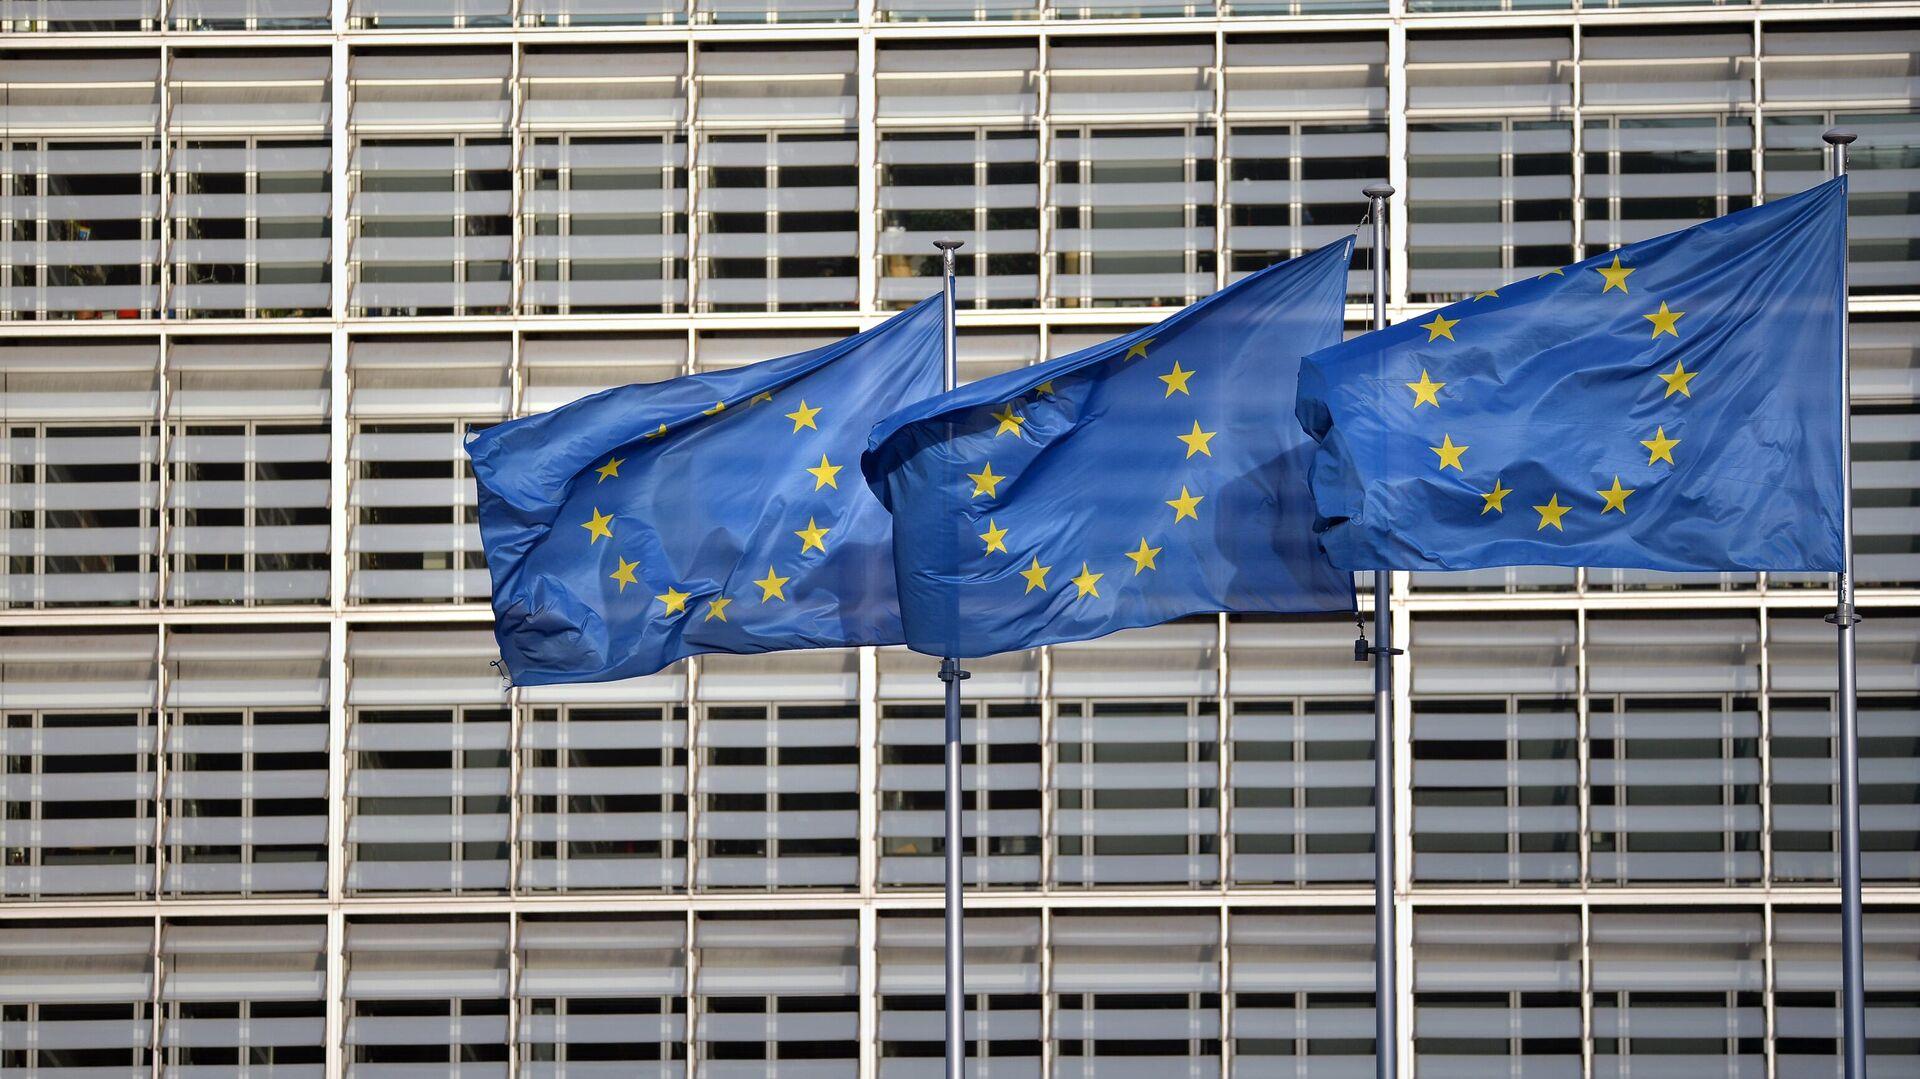 Флаги ЕС на фоне здания Европейского совета - РИА Новости, 1920, 14.10.2020